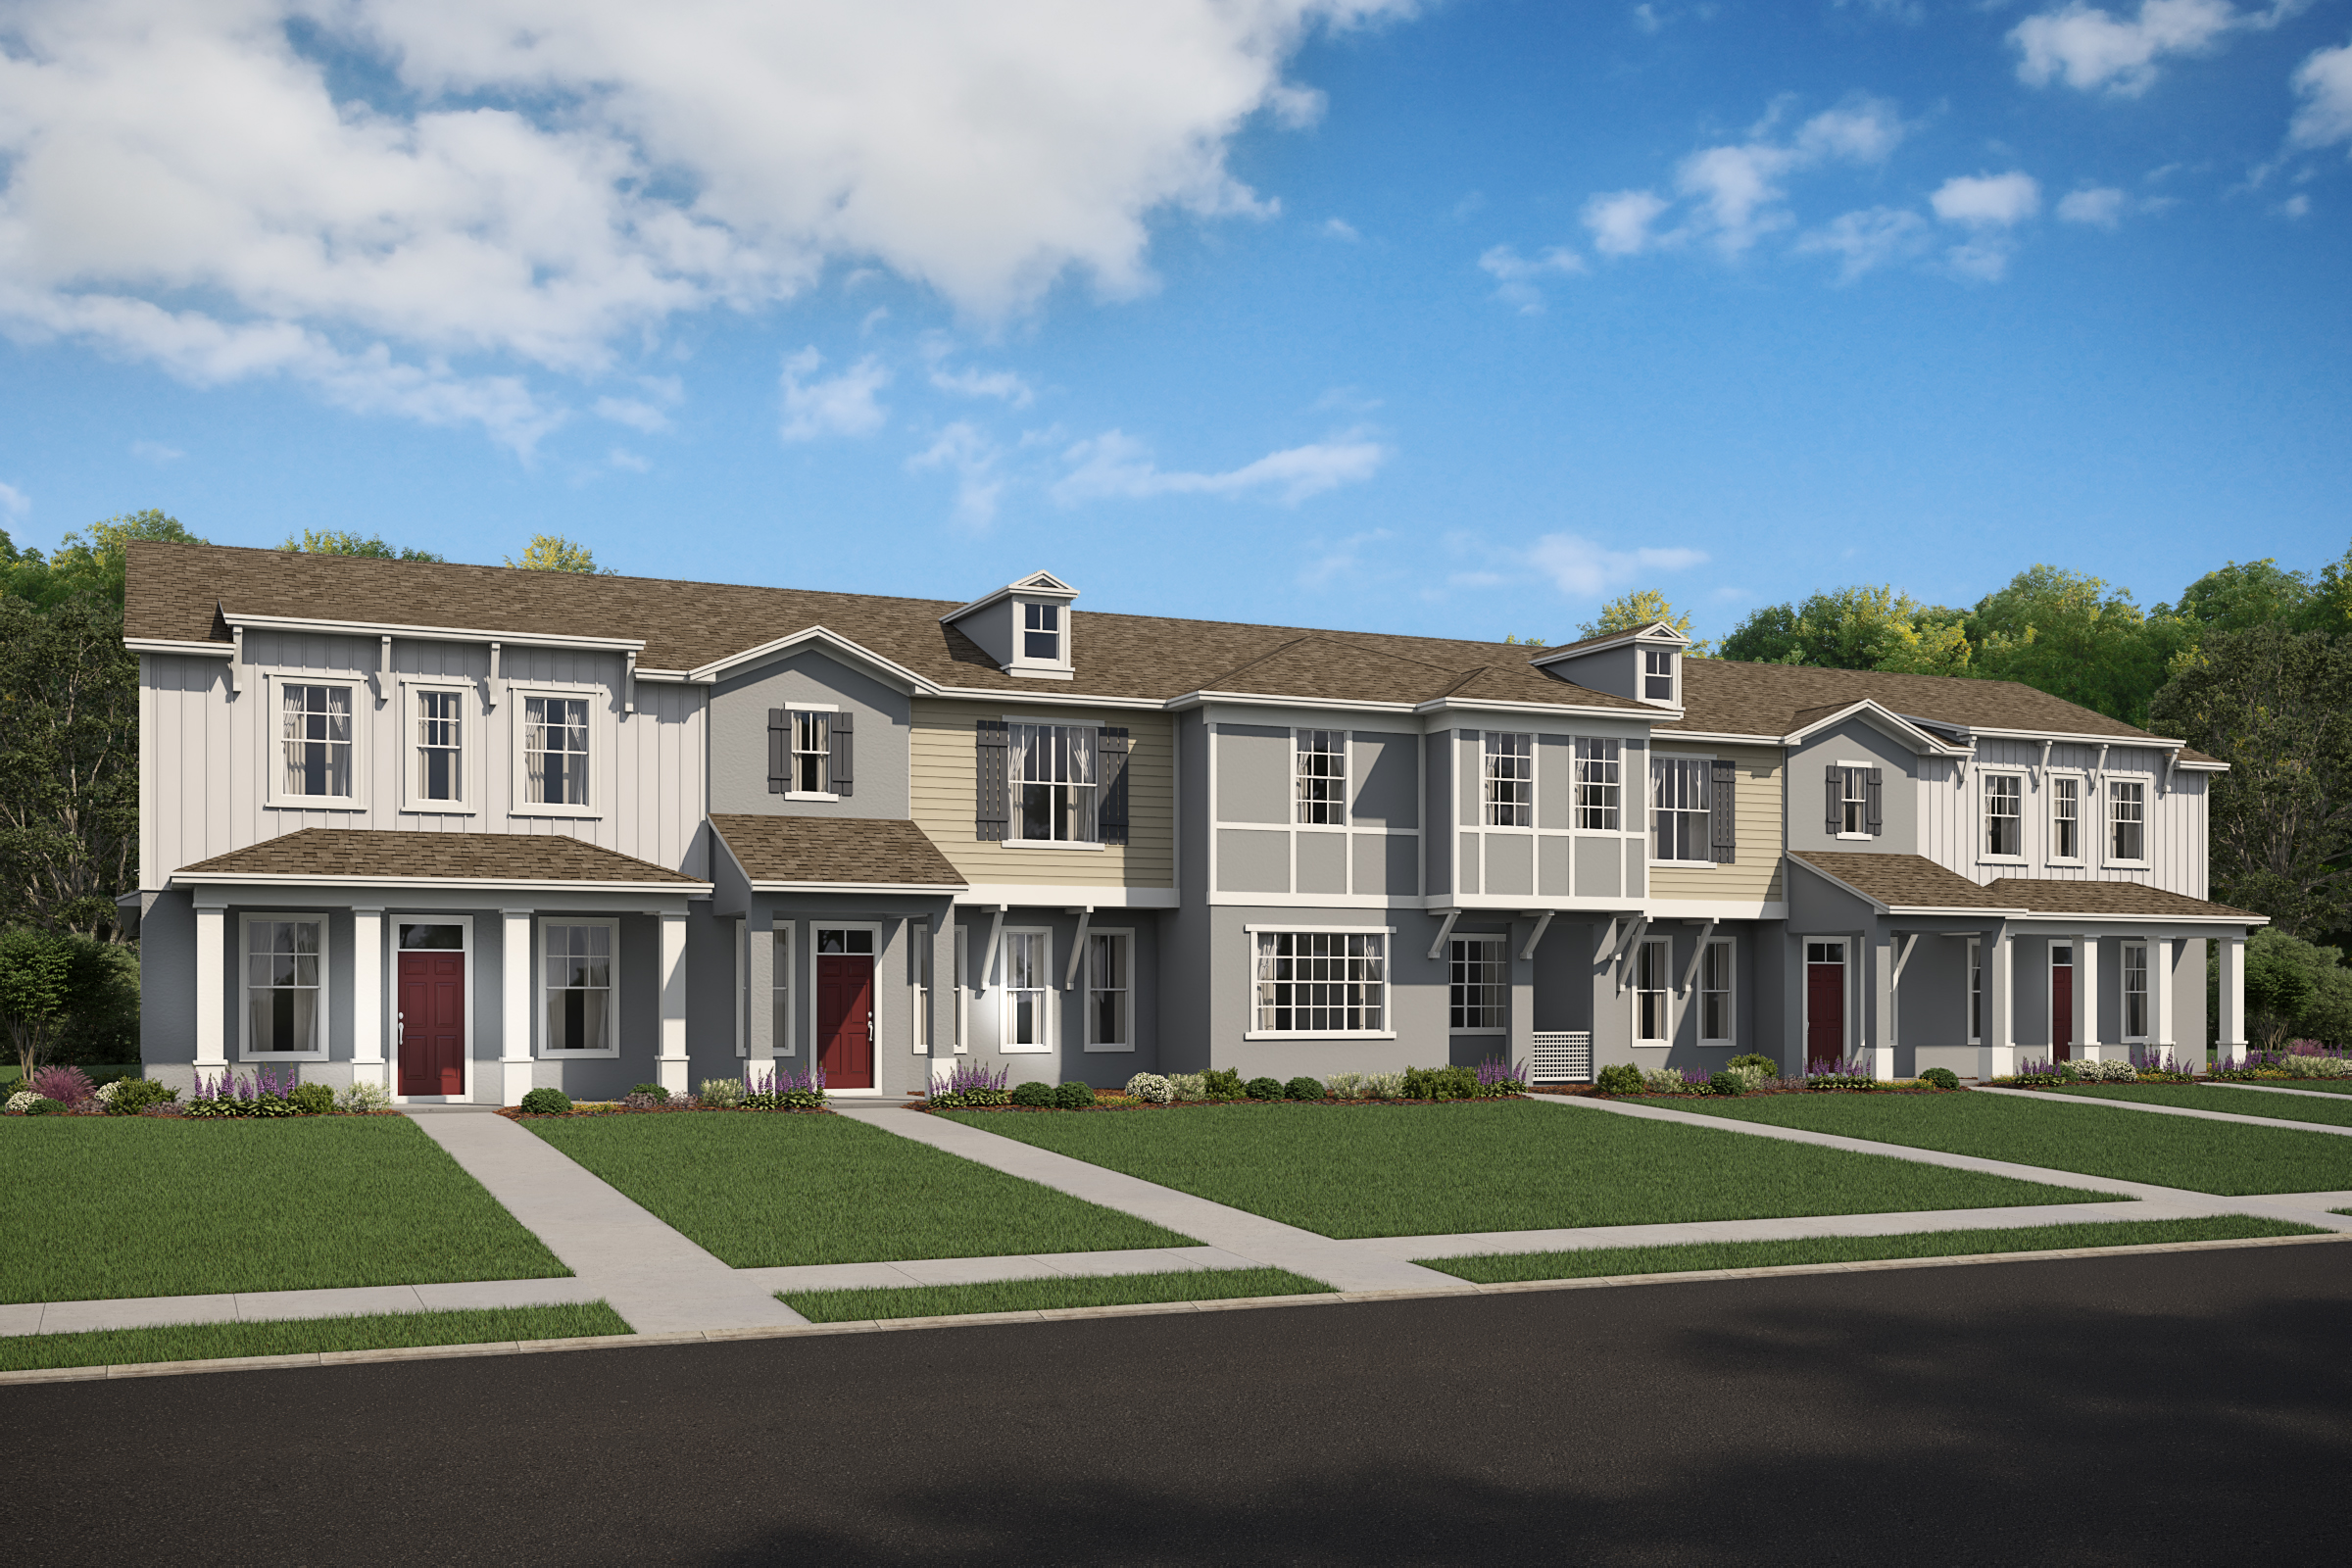 New homes conceptual model